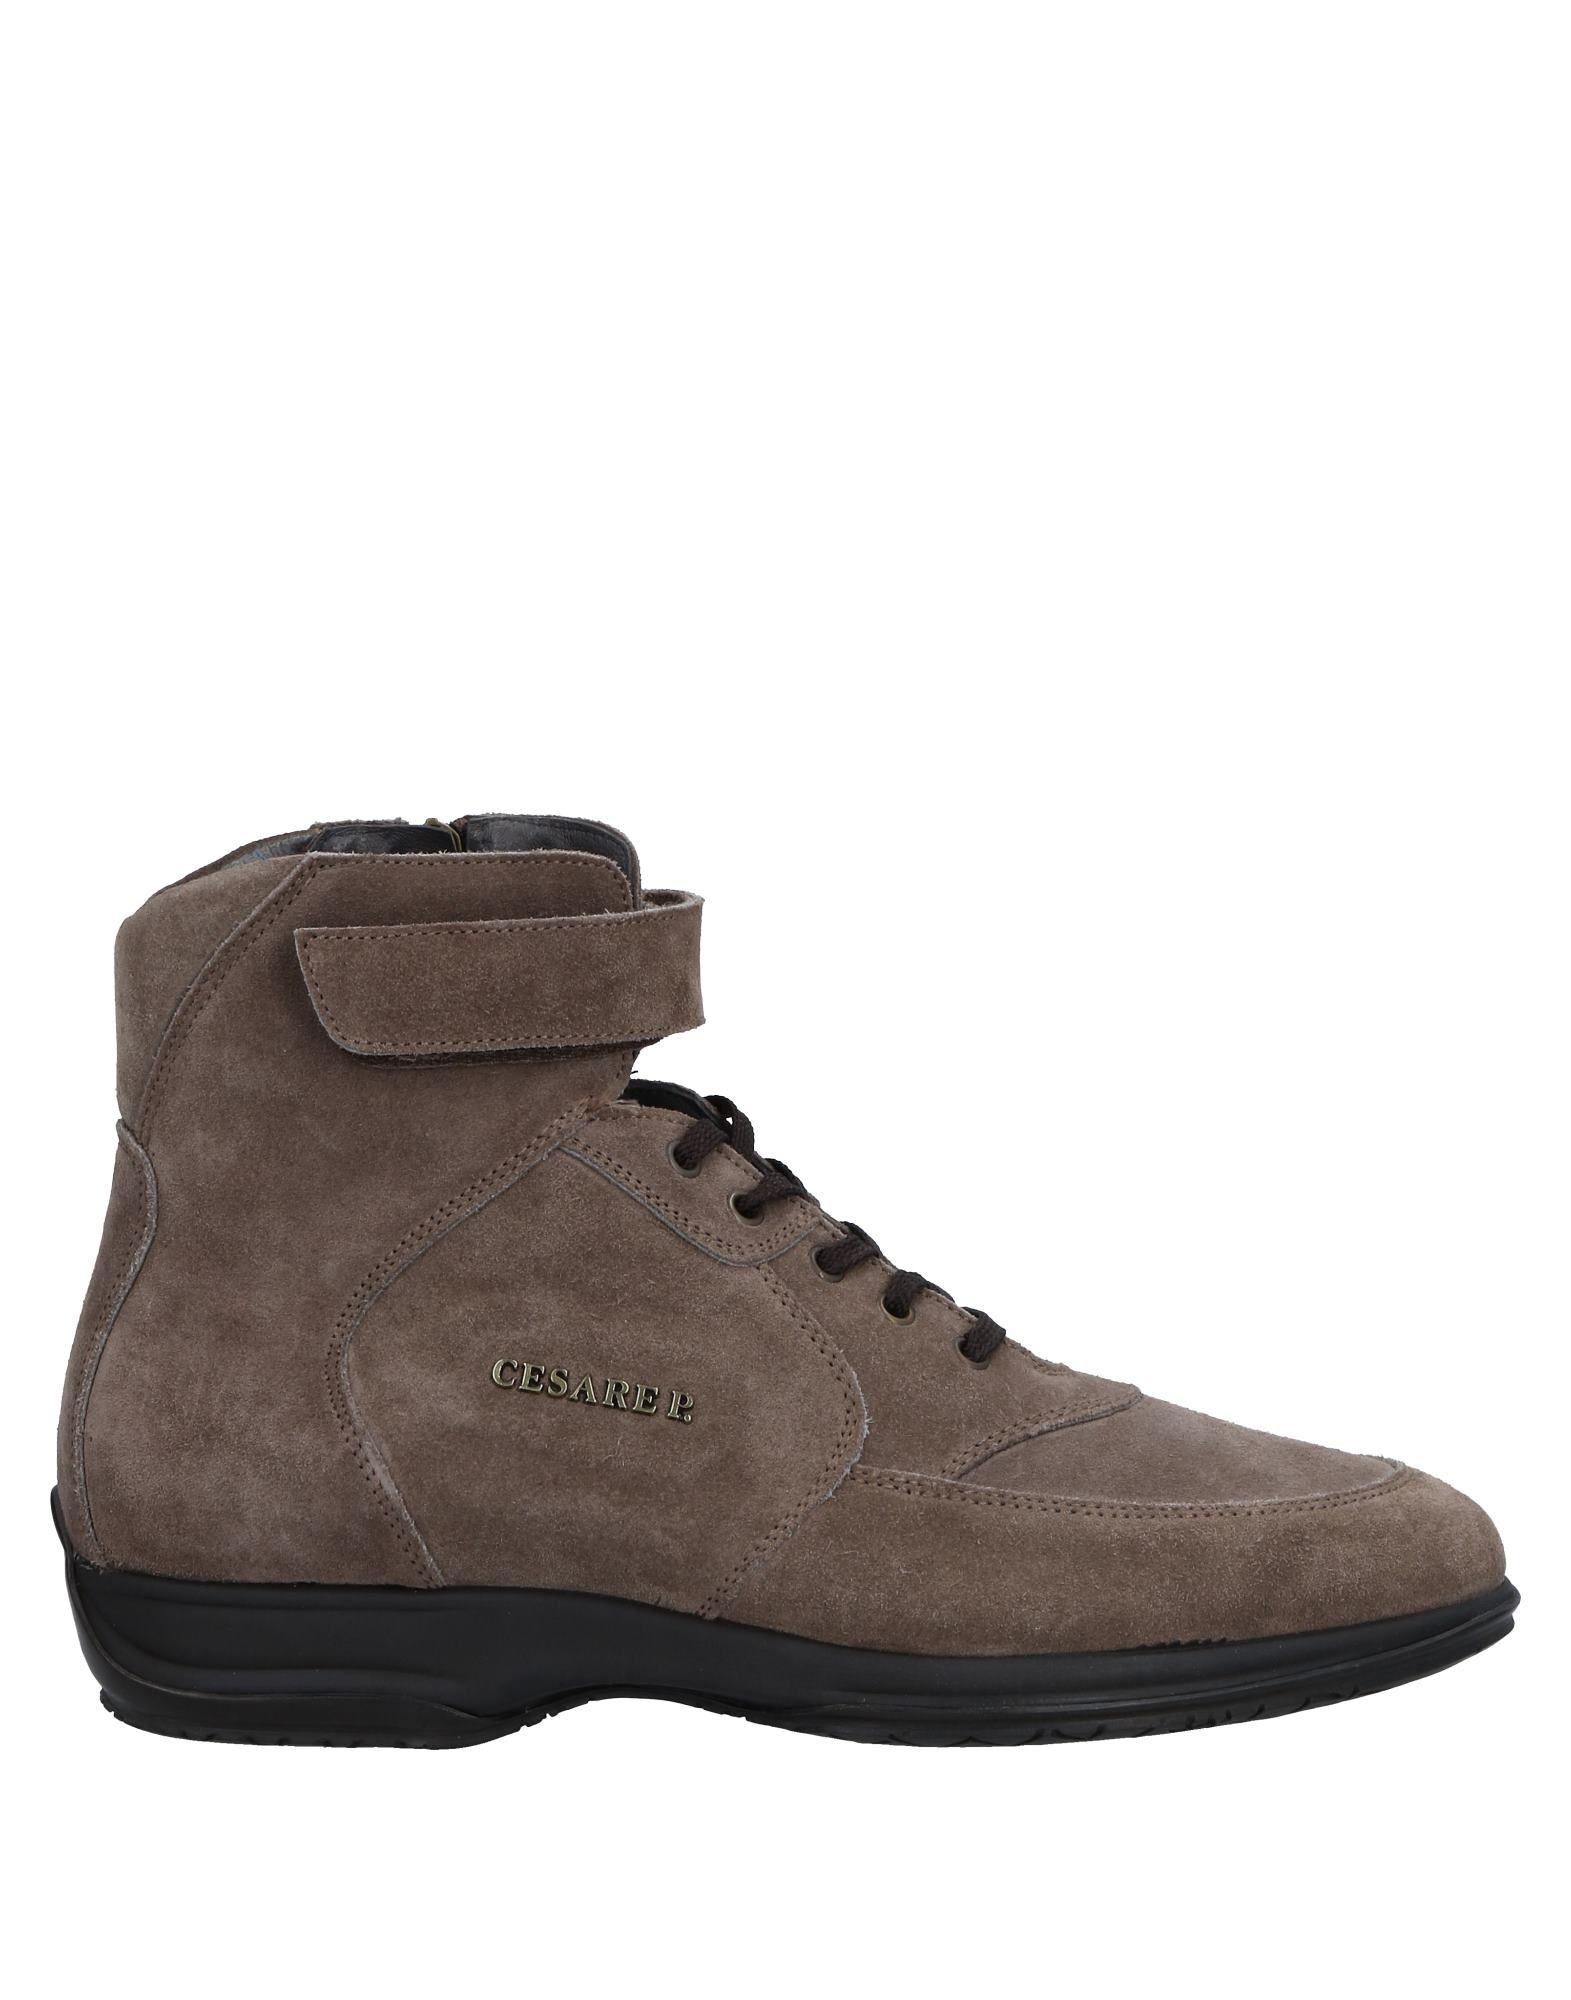 Cesare P. Sneakers Herren  11498673IU Gute Qualität beliebte Schuhe